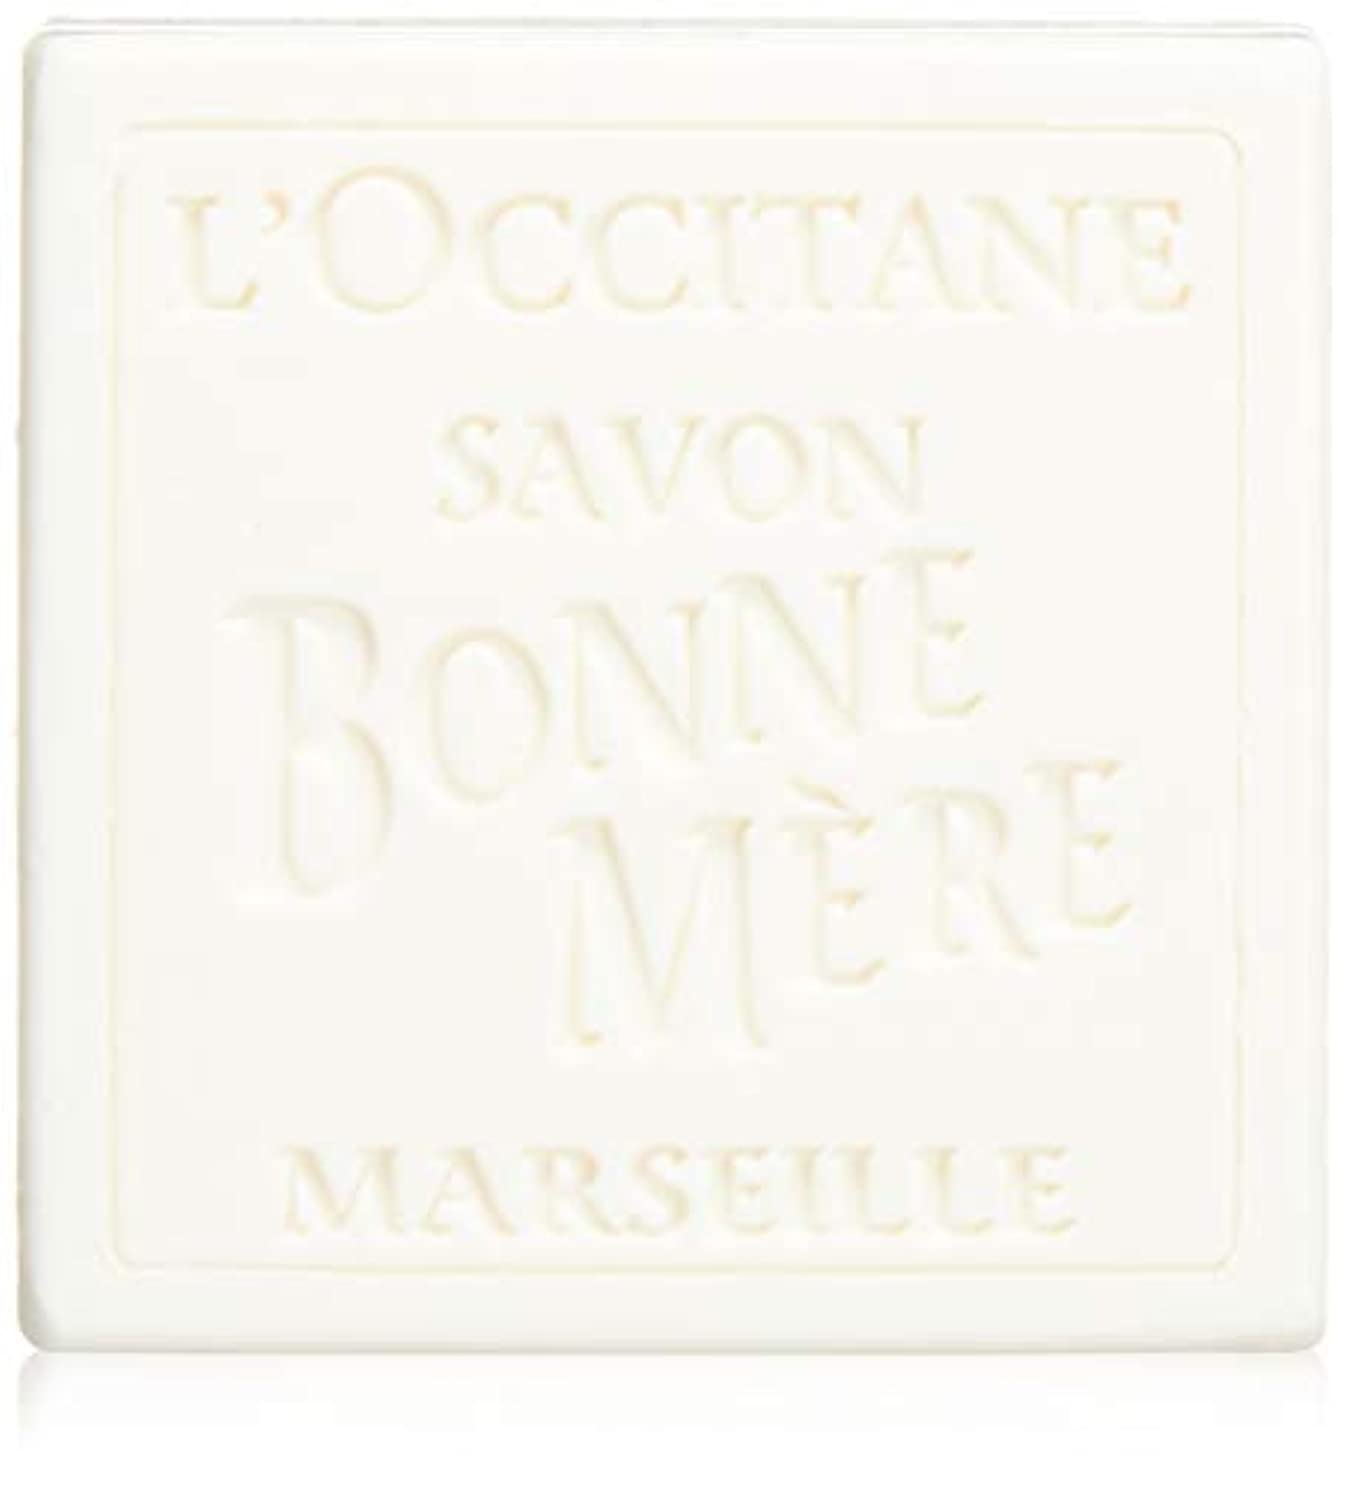 洗剤傷つける最近ロクシタン(L'OCCITANE) ボンメールソープ ミルク 100g